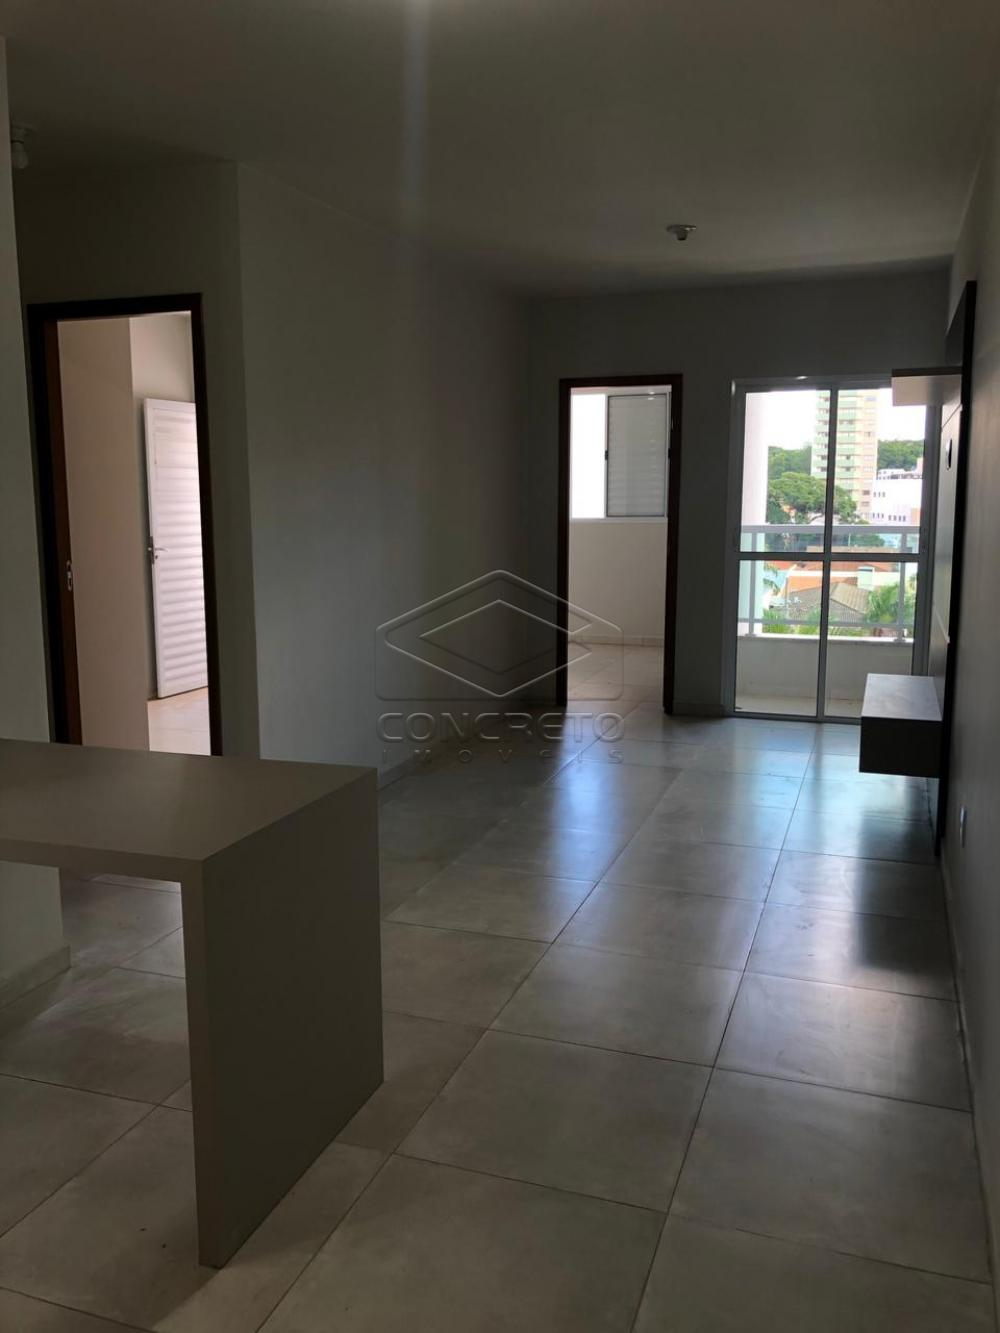 Alugar Apartamento / Padrão em Bauru apenas R$ 1.000,00 - Foto 4